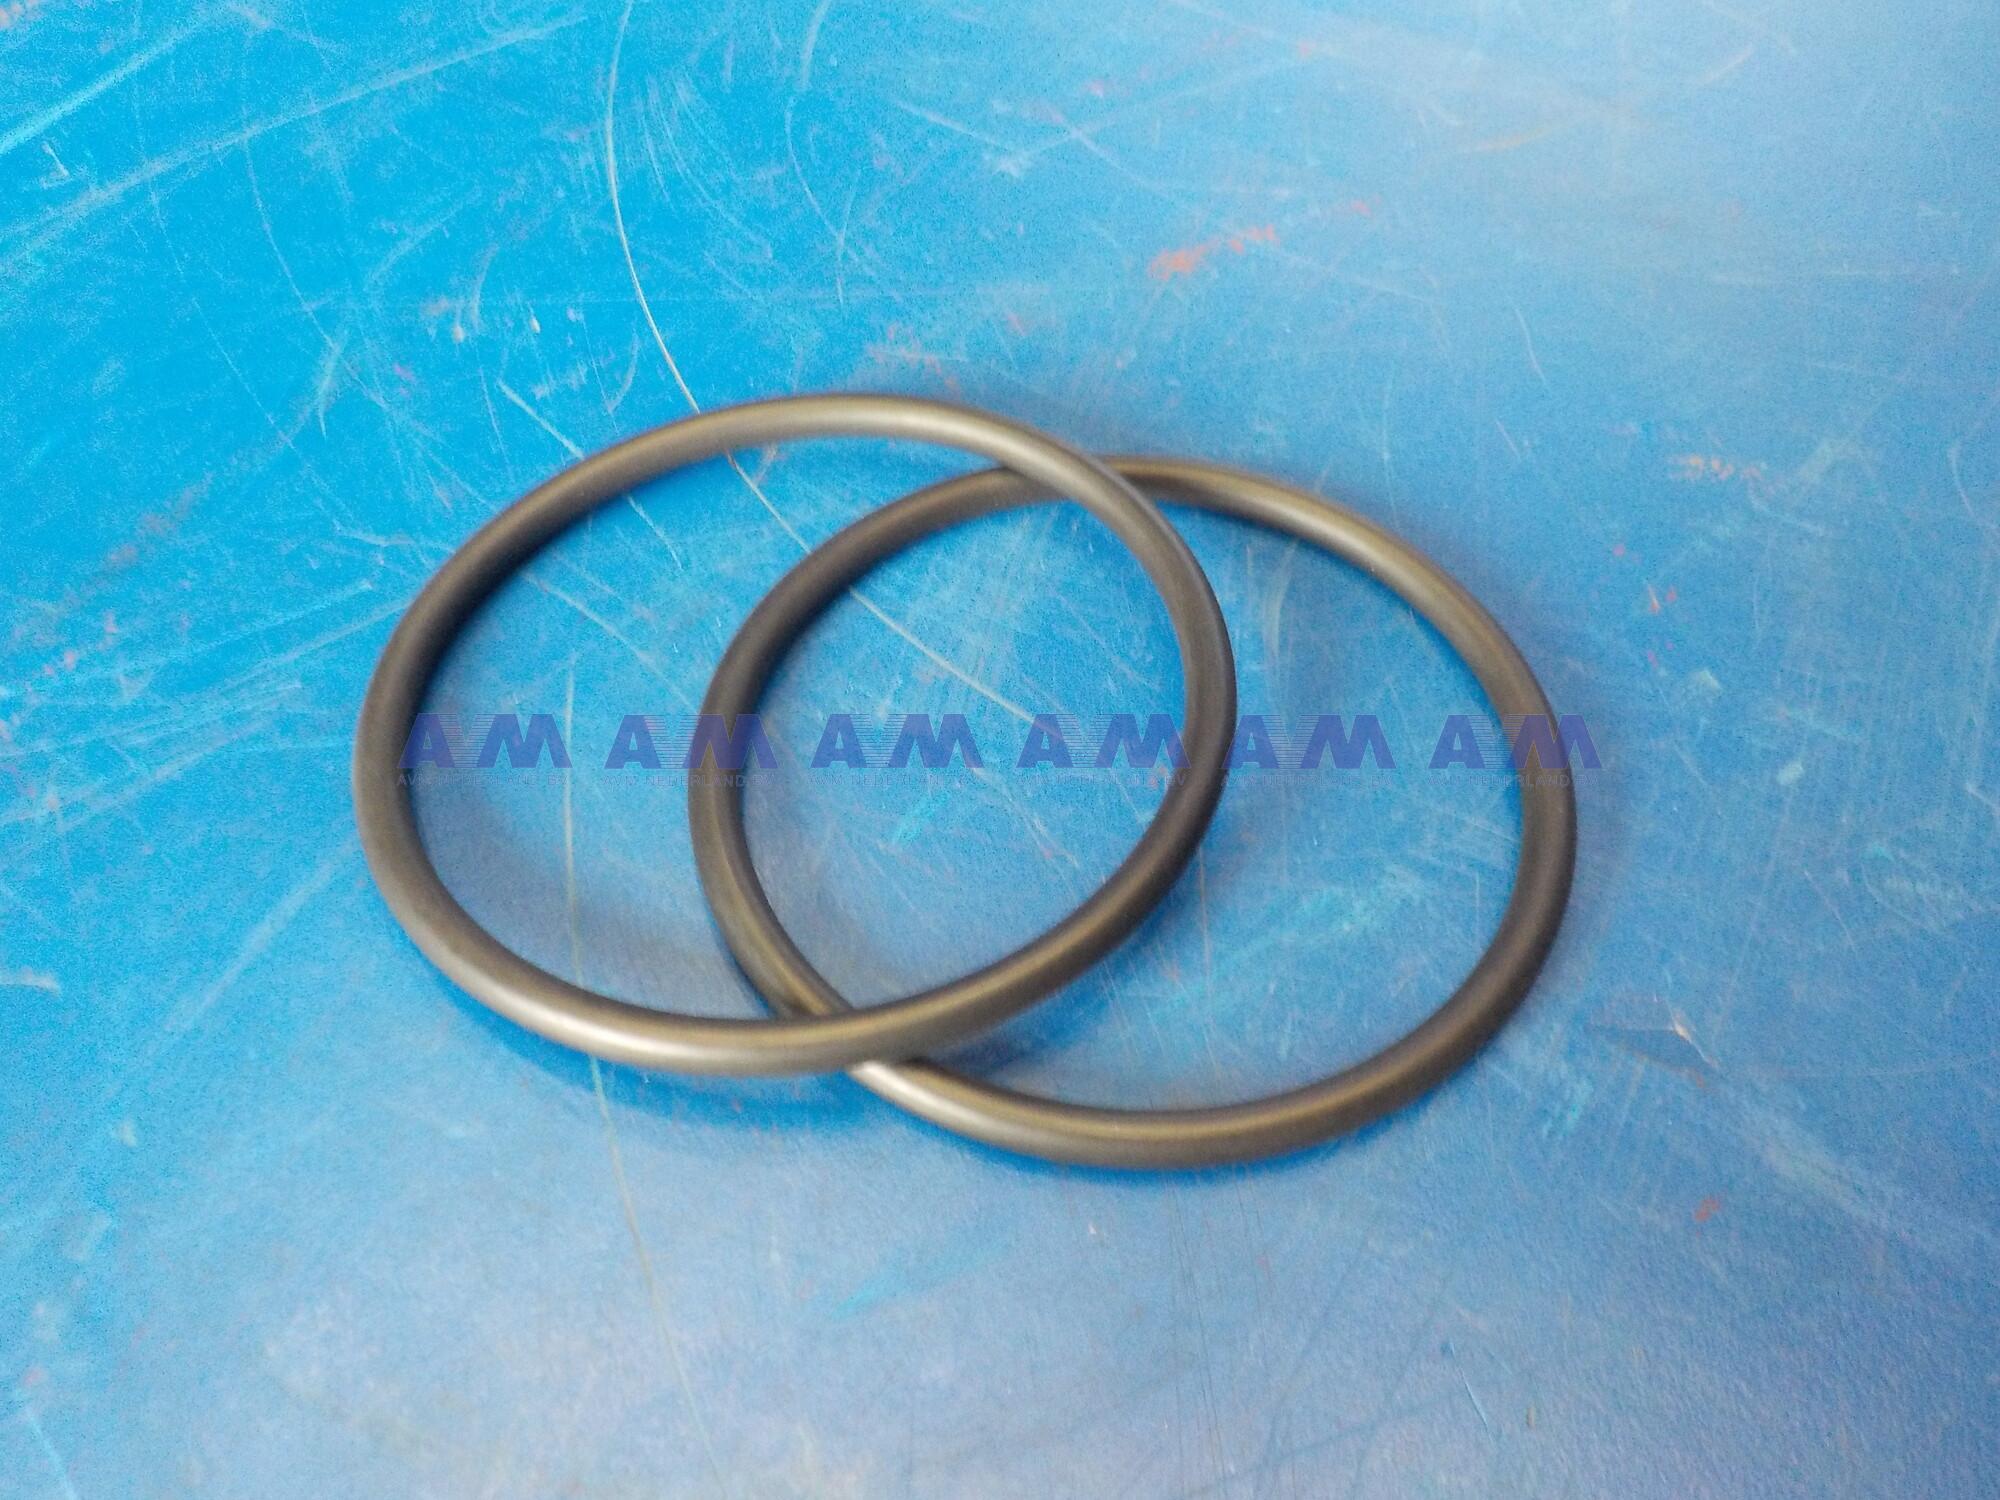 O-ring C-23304-77 PPM